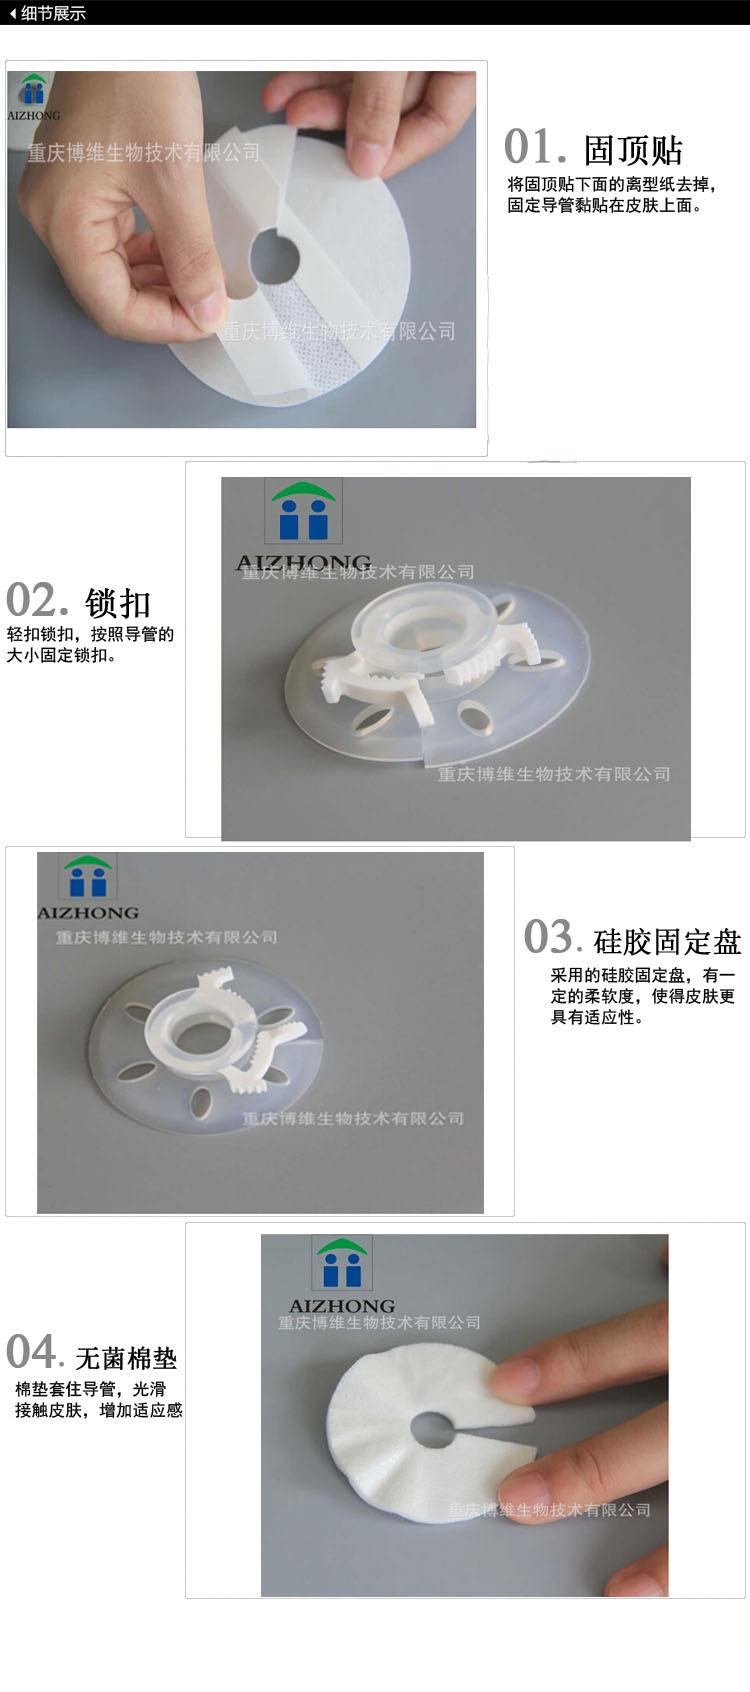 医用导管固定敷贴 一次性医用耗材厂家生产专用引流导管固定器